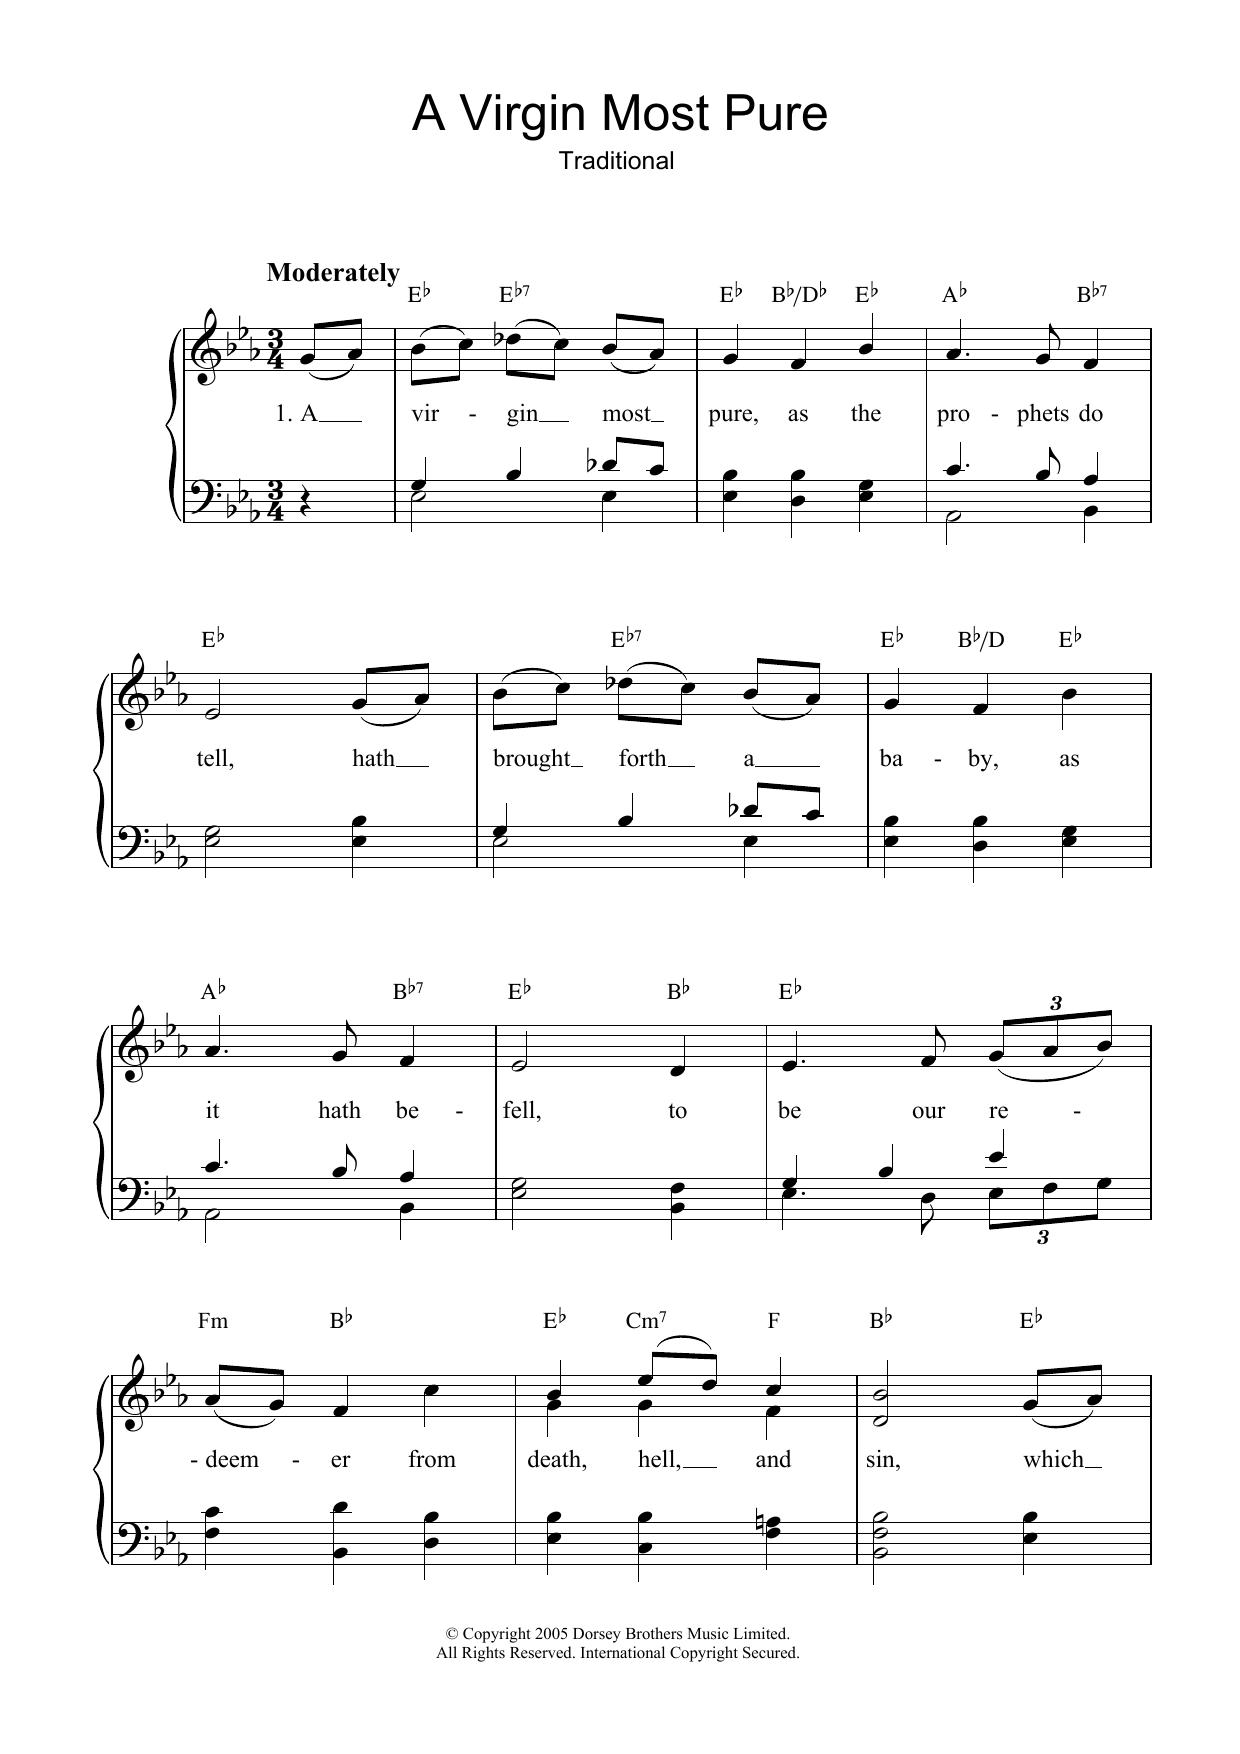 A Virgin Most Pure Sheet Music